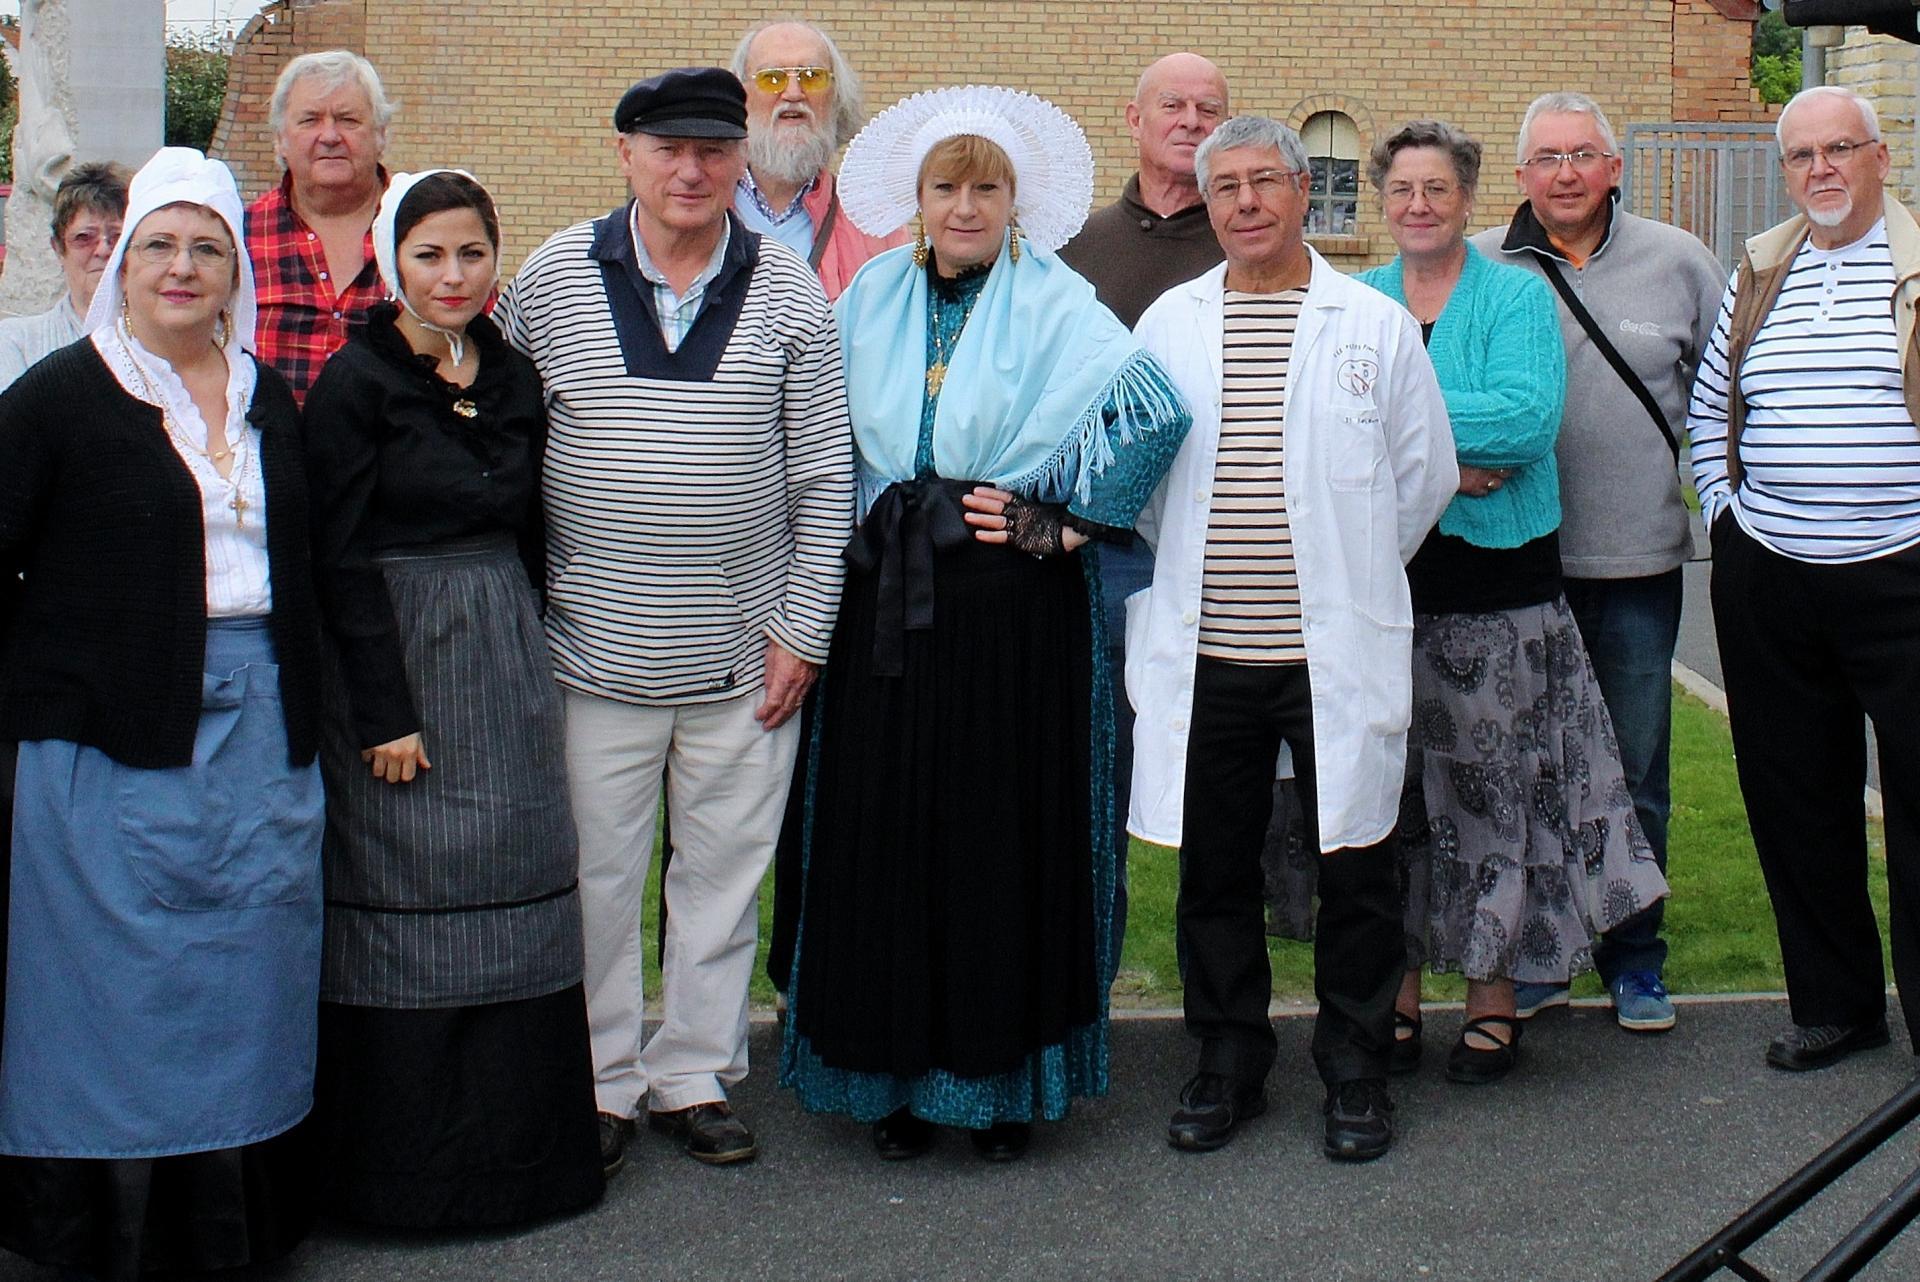 Fete des islandais hemmes de marck en calaisis groupe de participants photographie de marck